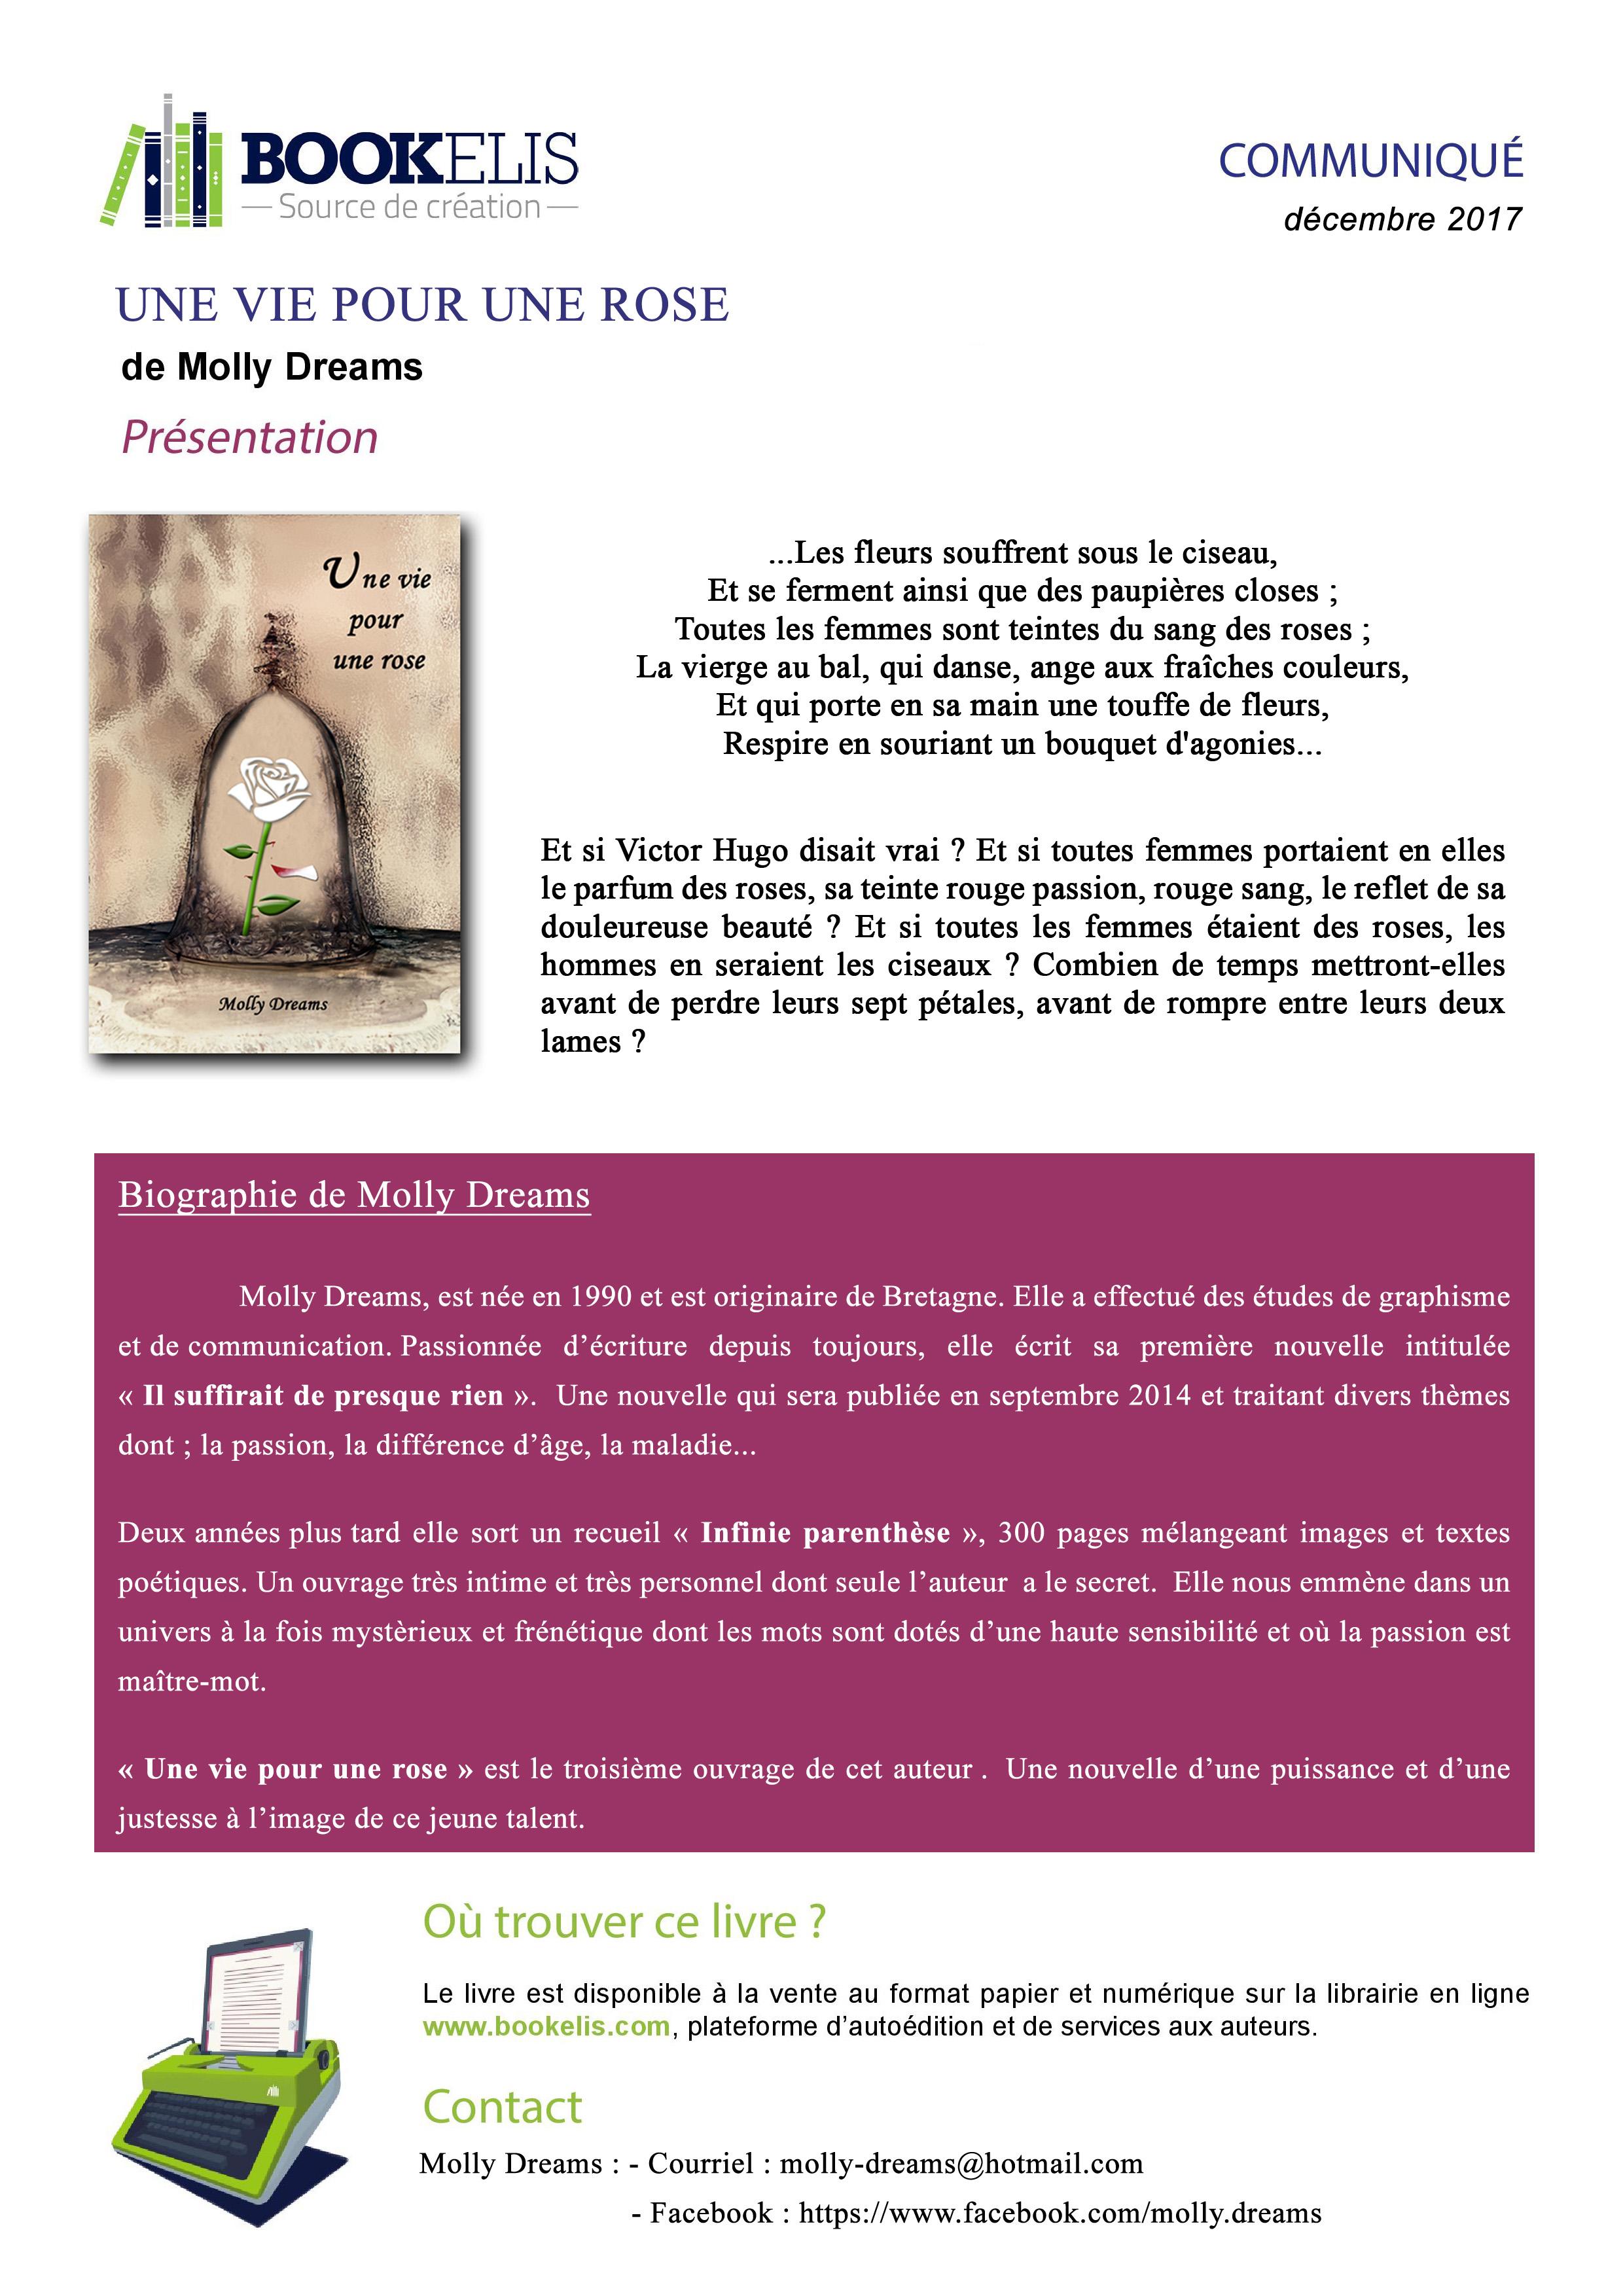 Molly-Dreams-il-suffirait-de-presque-rien comete amour livre auteure france normandie villers sur me